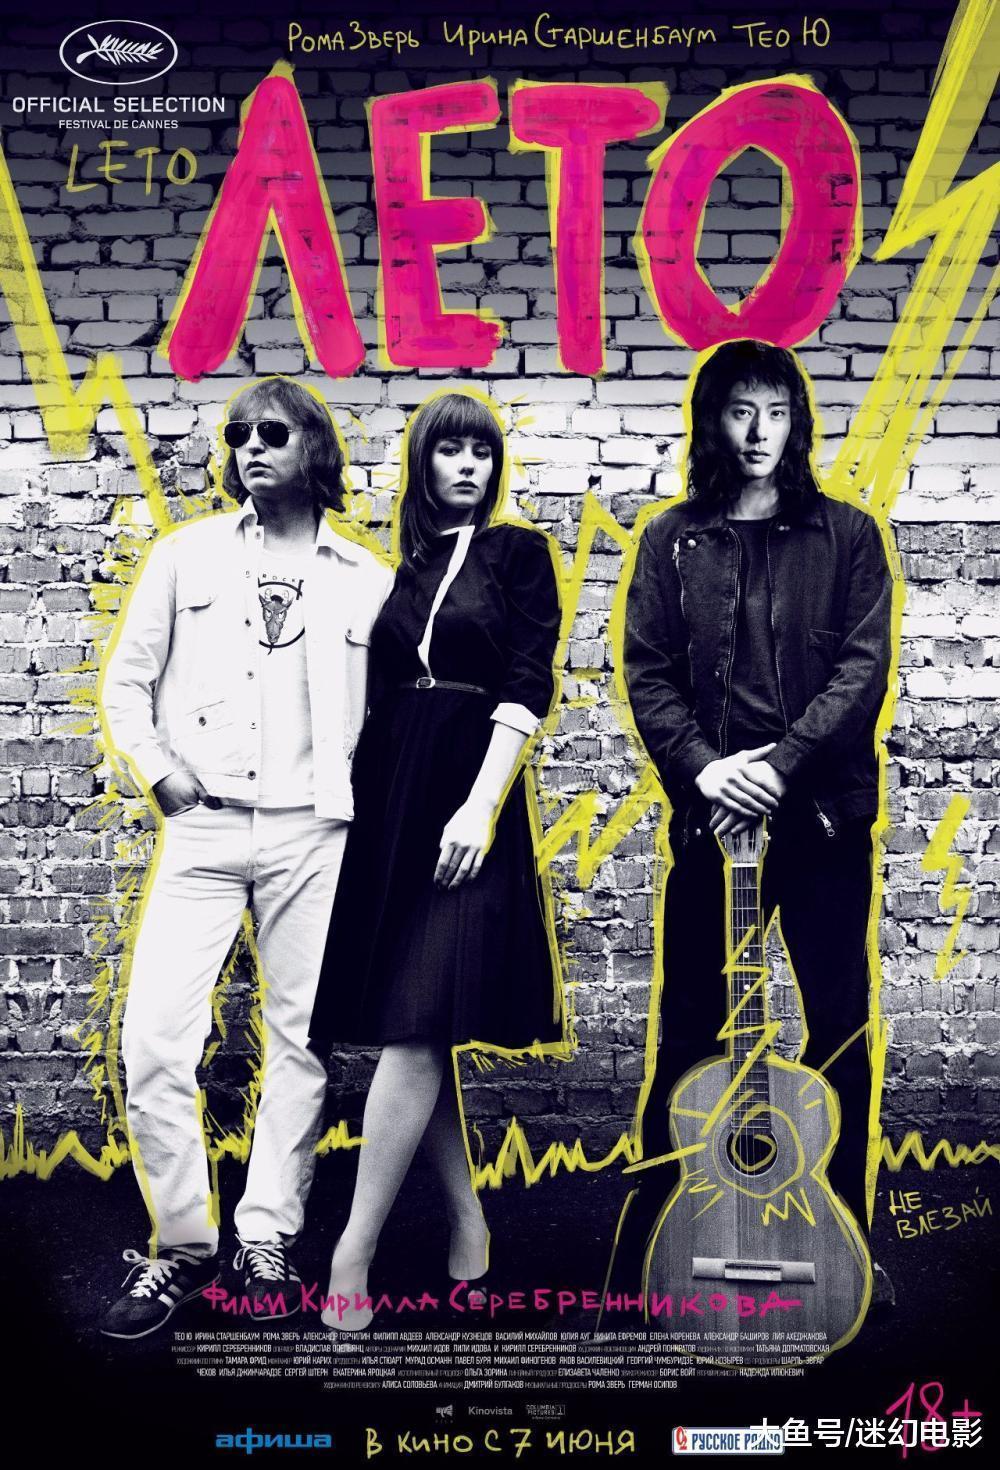 《盛夏》80年代的搖滾青年這樣過, 朋克,搖滾樂和羅曼圖片